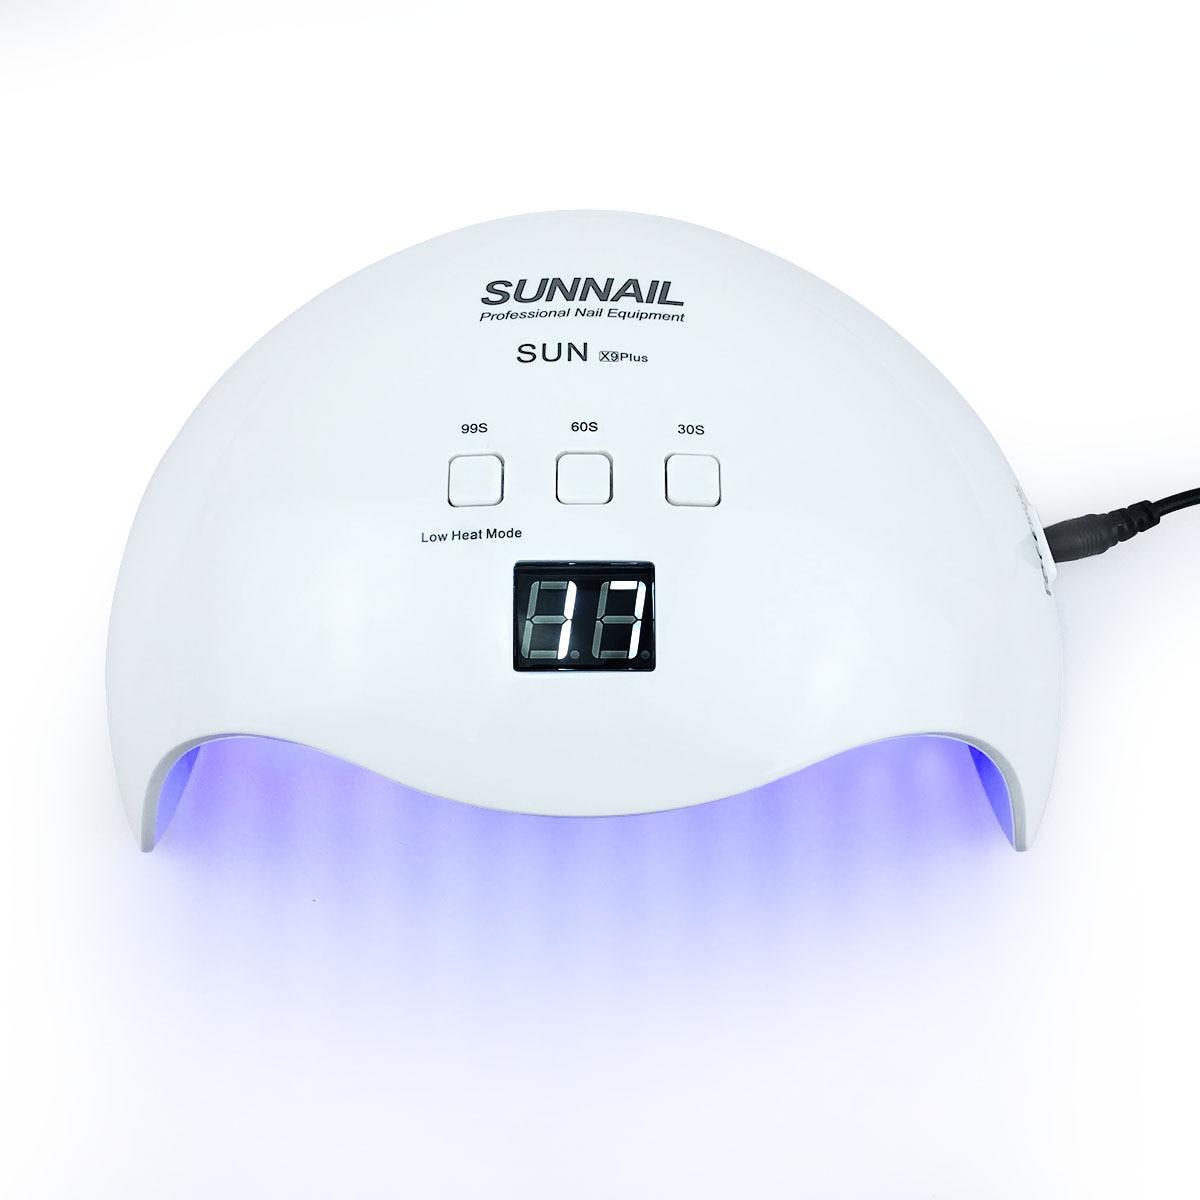 100-240 V Lâmpada SUNX9 Plus 48 W Lâmpada UV Do Prego LEVOU Gelo Lâmpada Gel Unha Polonês Máquina de Secar Roupa para Todas As Unhas de Gel Arte Cura Lâmpadas